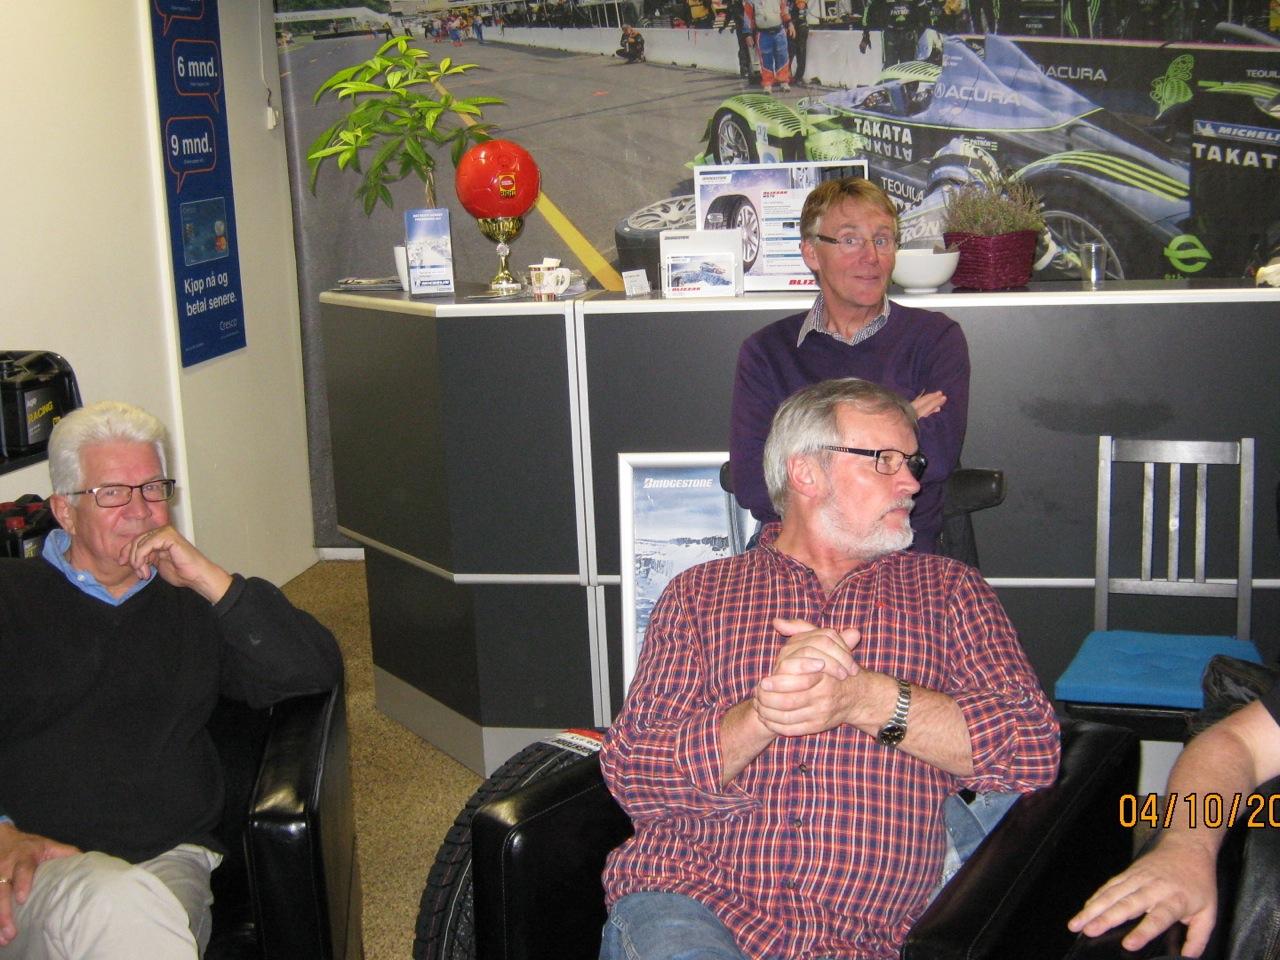 Innemøte oktober (04.10.2011) Norsk Sportsvogn Klubb